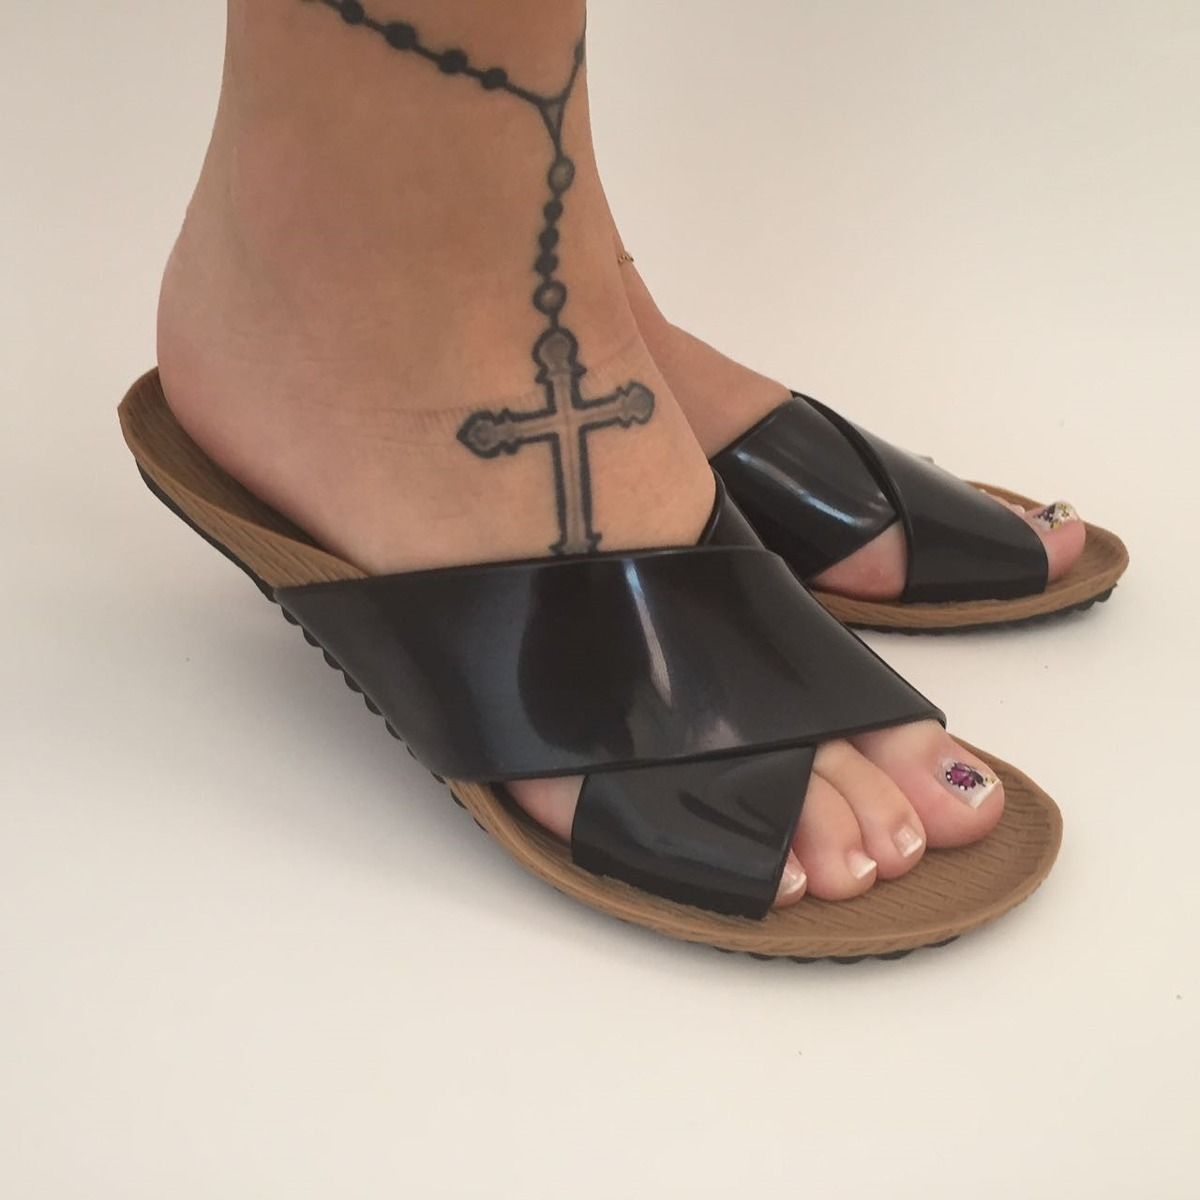 6df0ddc70d sandalia chinelo rasteira rasteirinha preta tiras plastico. Carregando zoom.